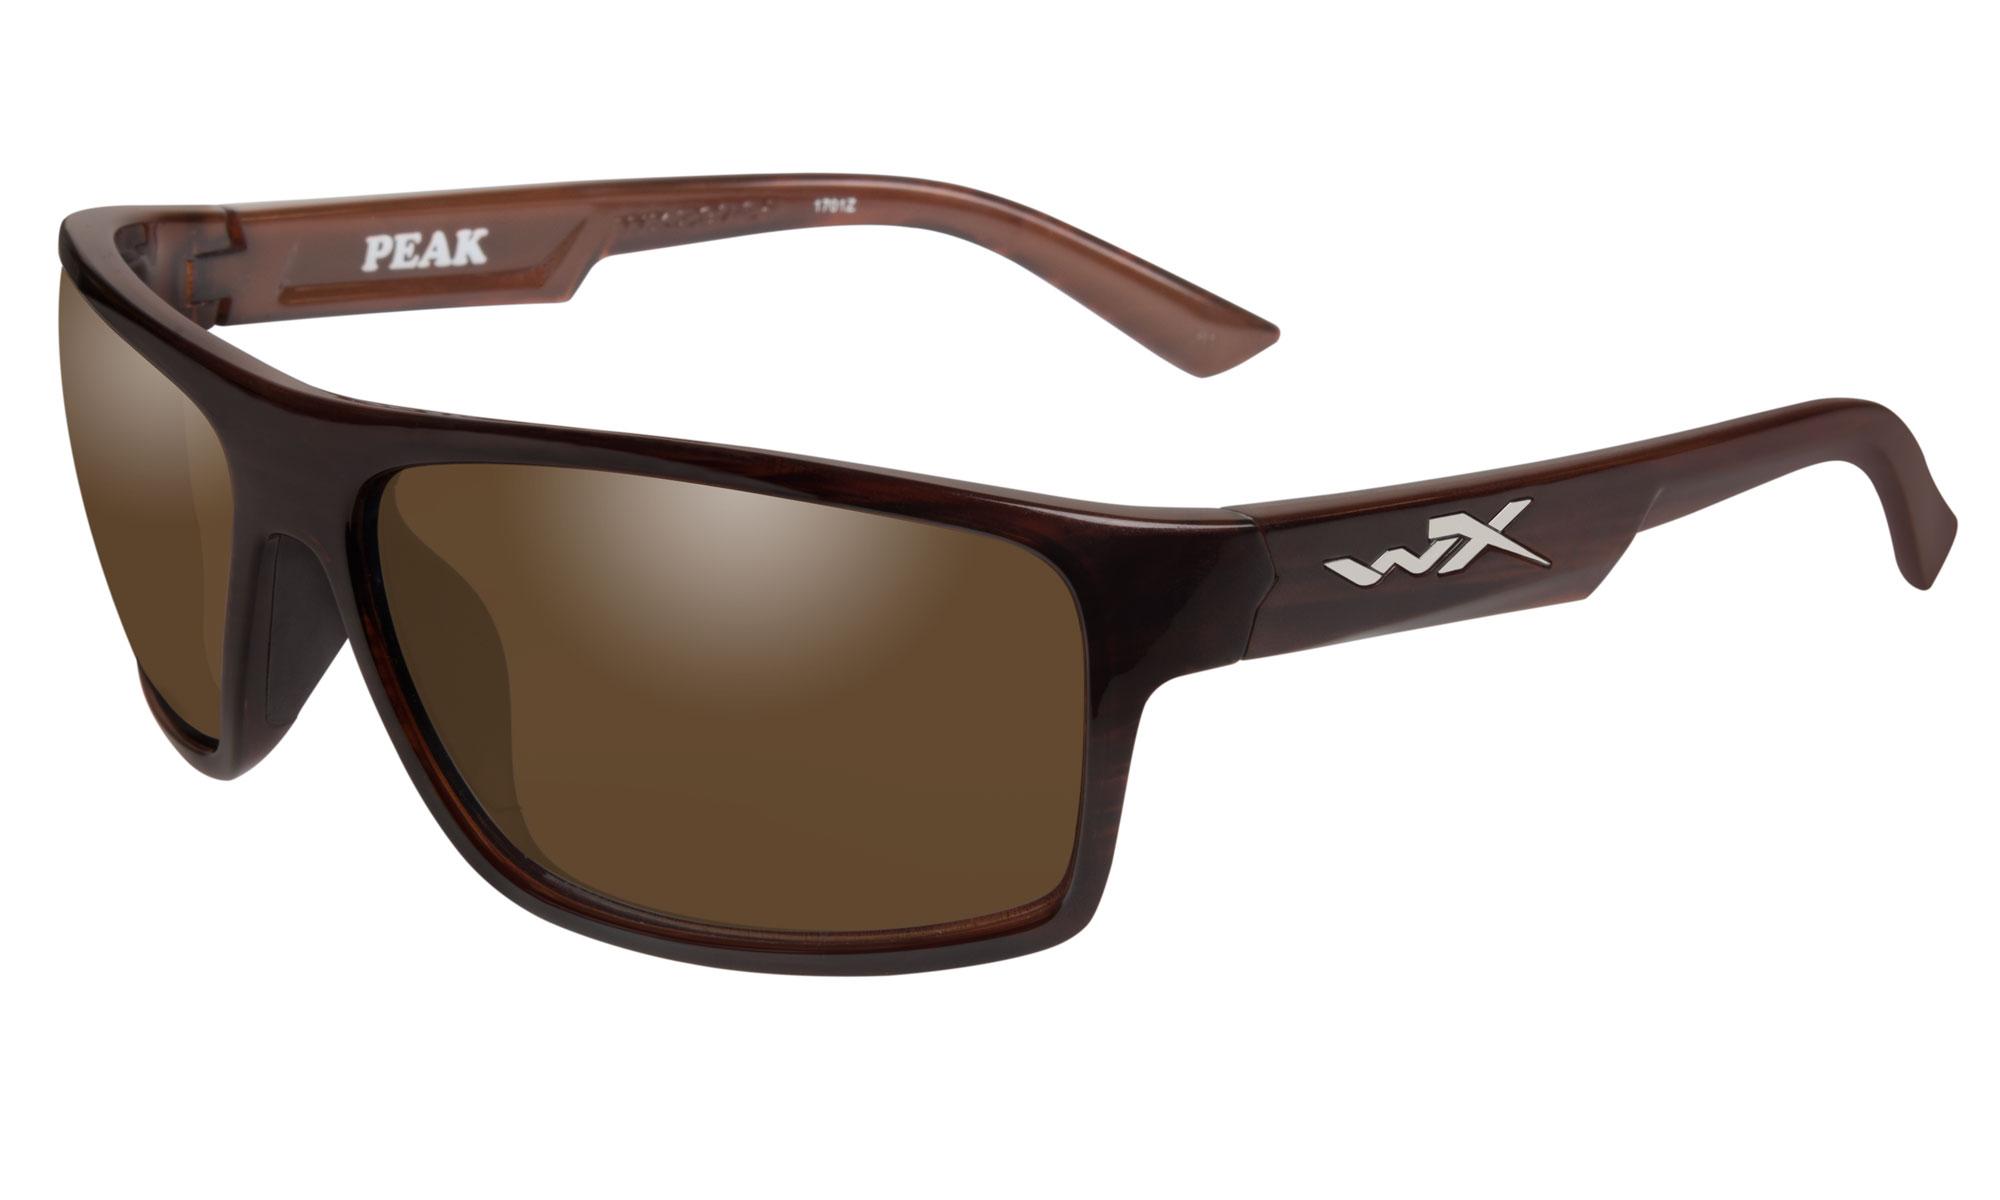 WX Peak